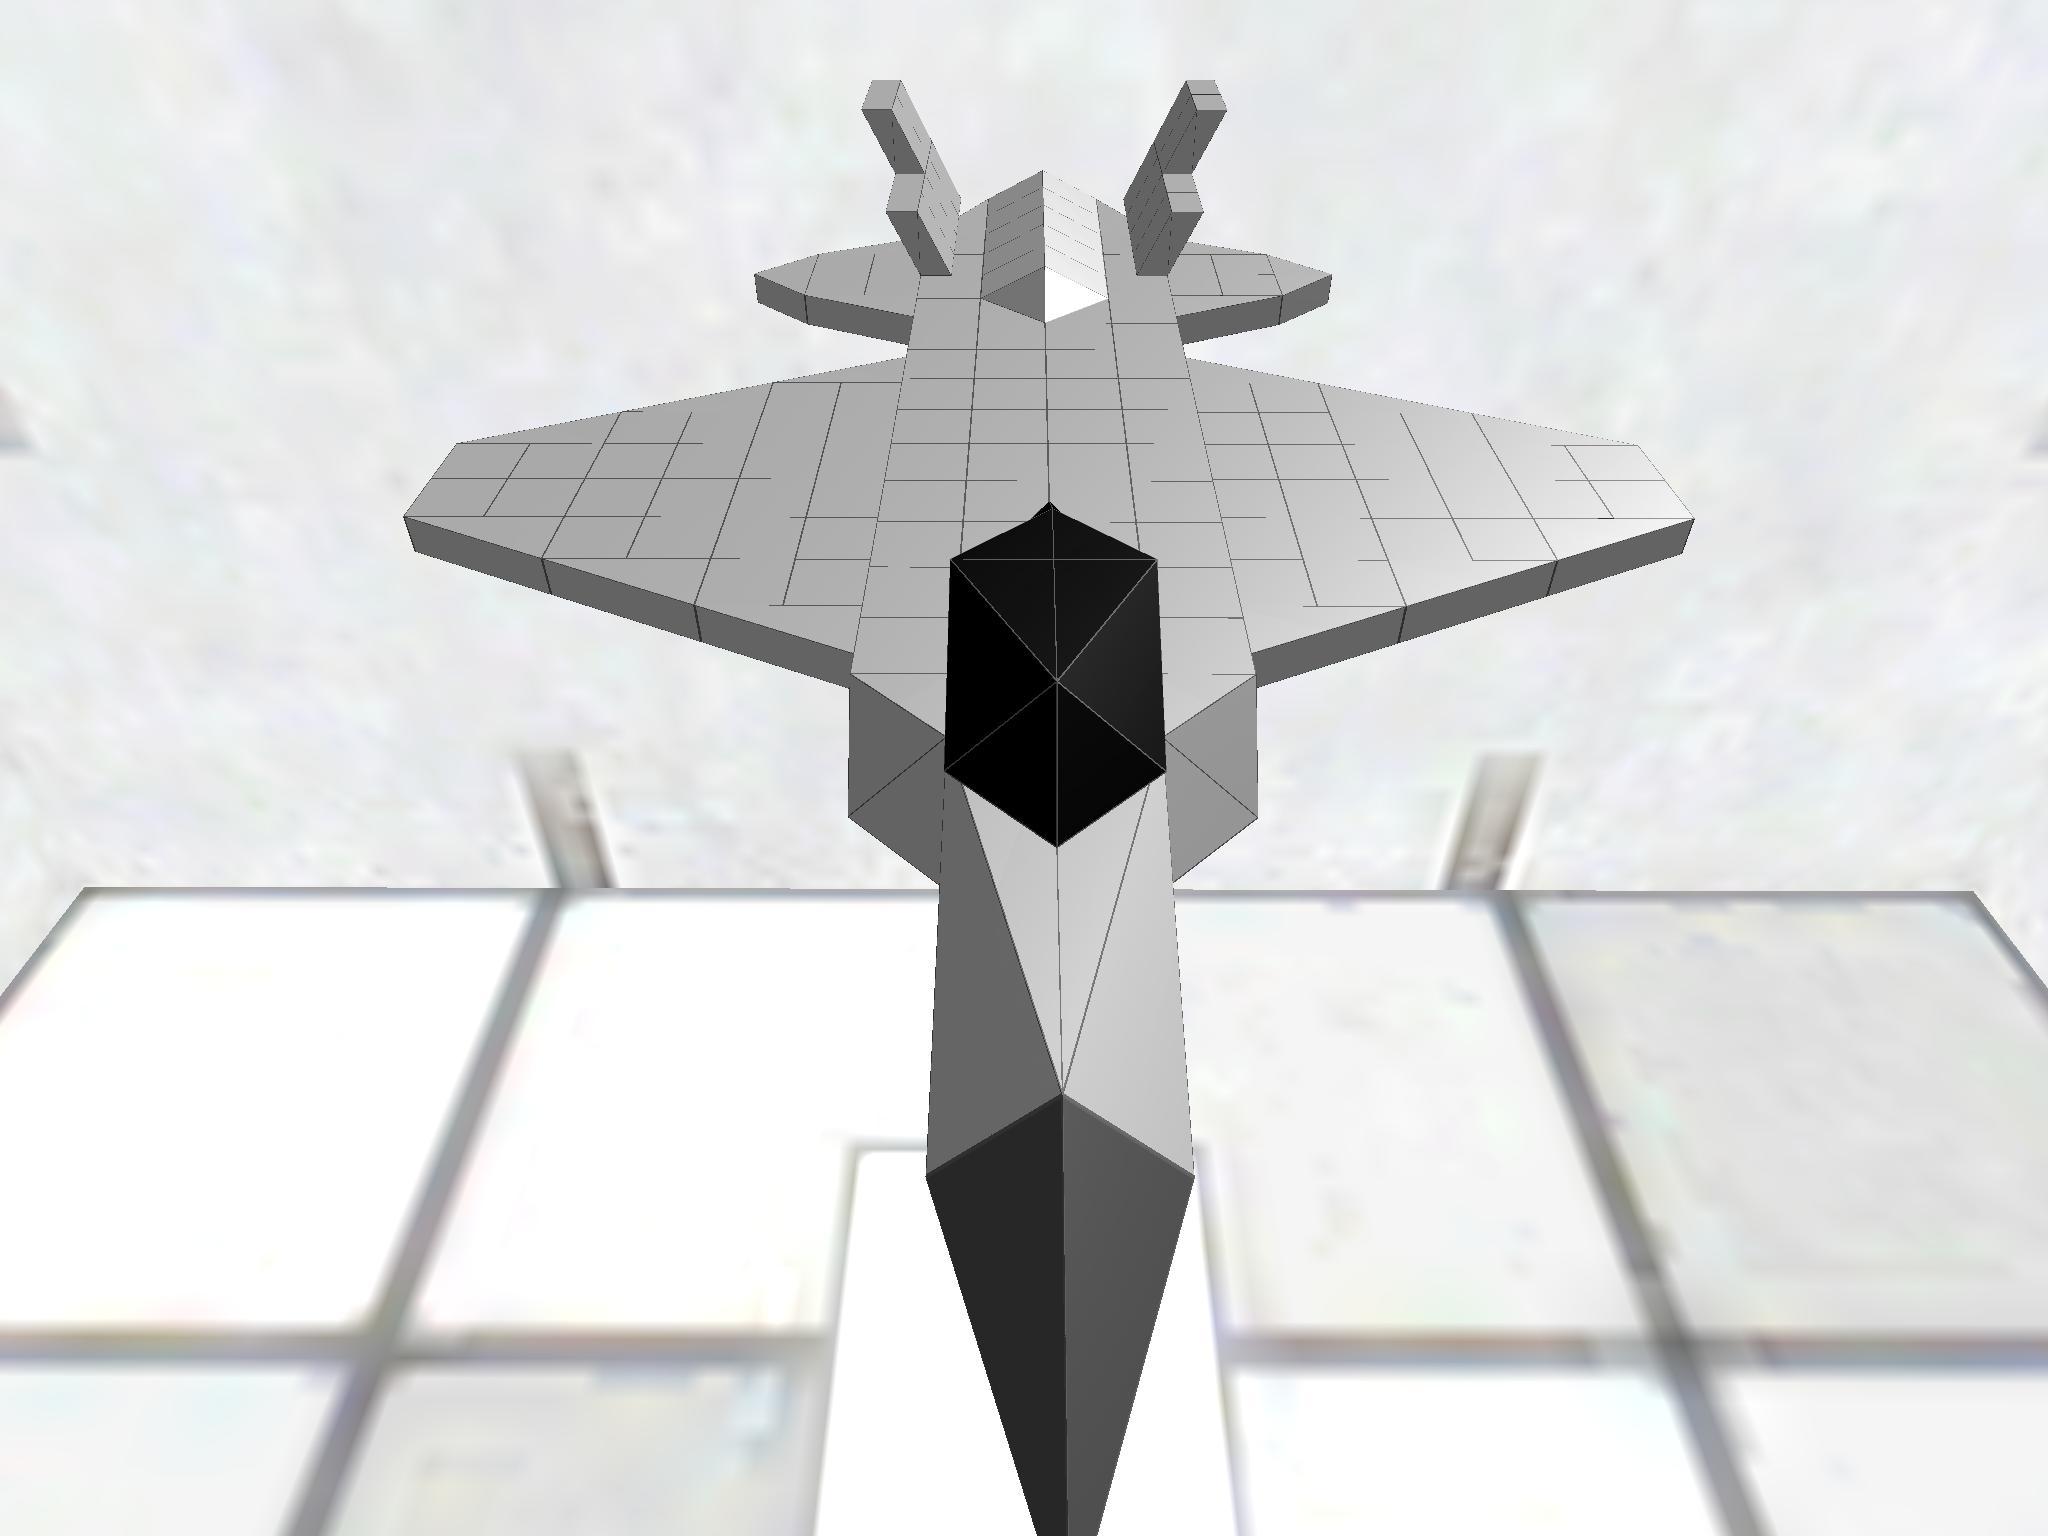 La-12 typeA